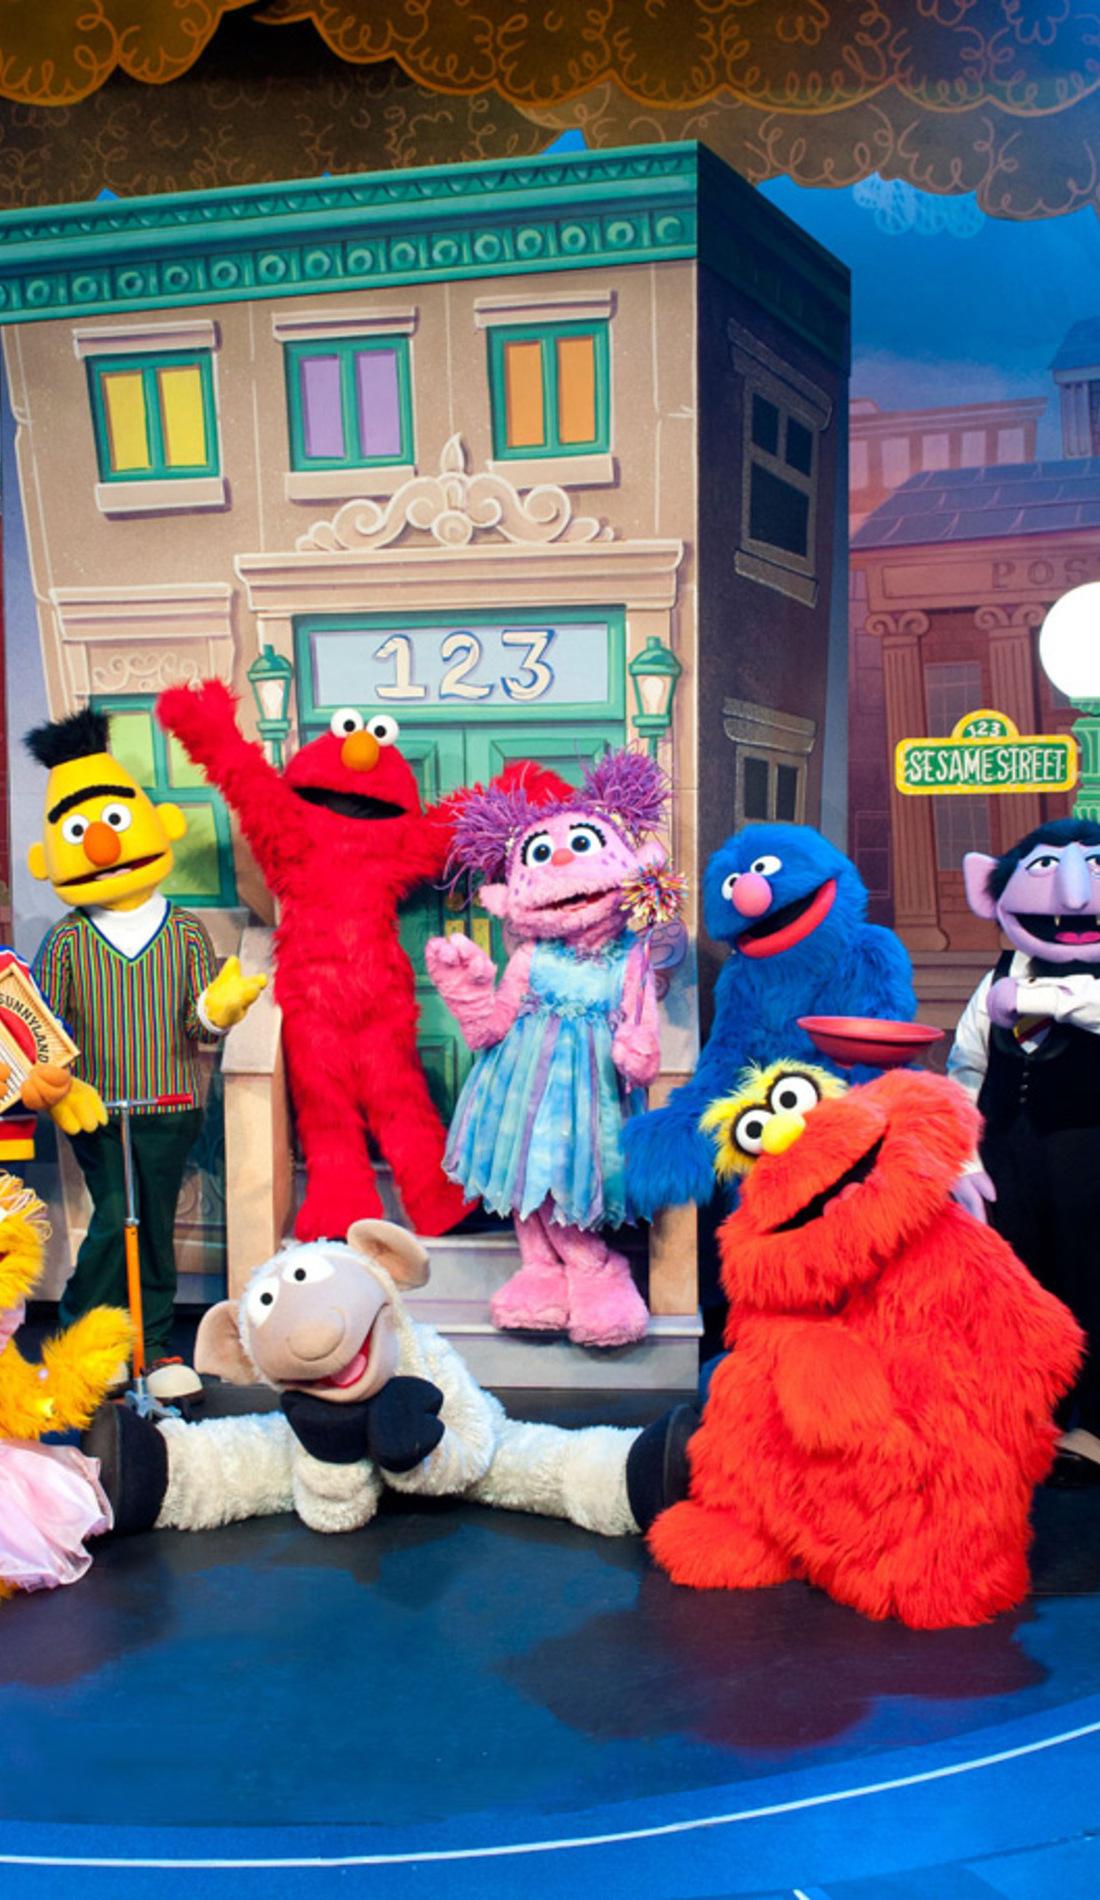 A Sesame Street Live live event